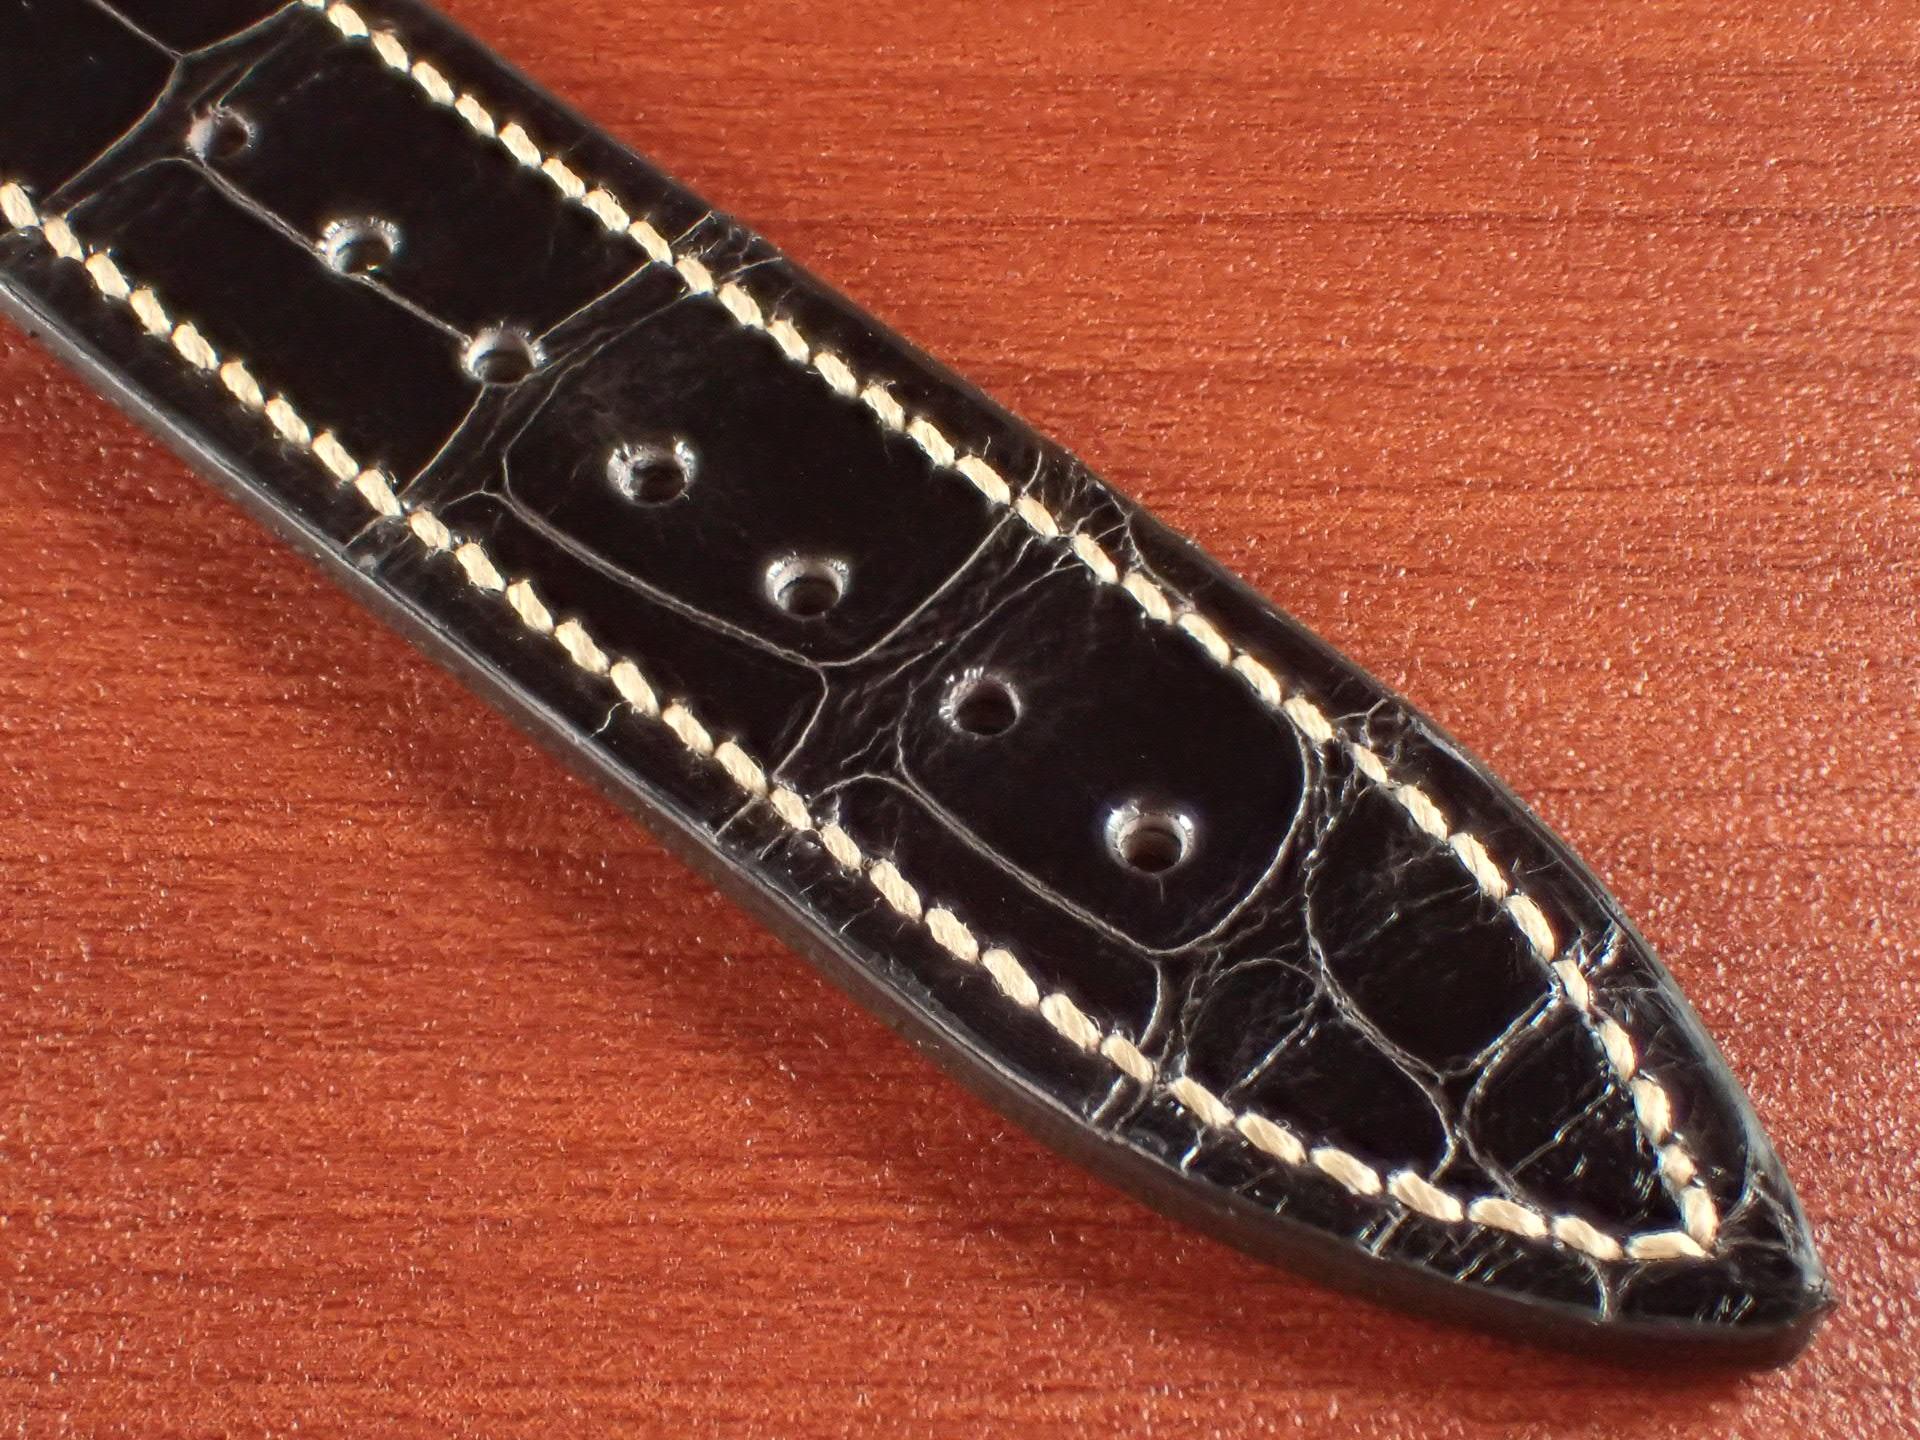 ジャン・クロード ペラン革ベルト クロコダイル チョコレート(シャイニー) 18mmの写真5枚目